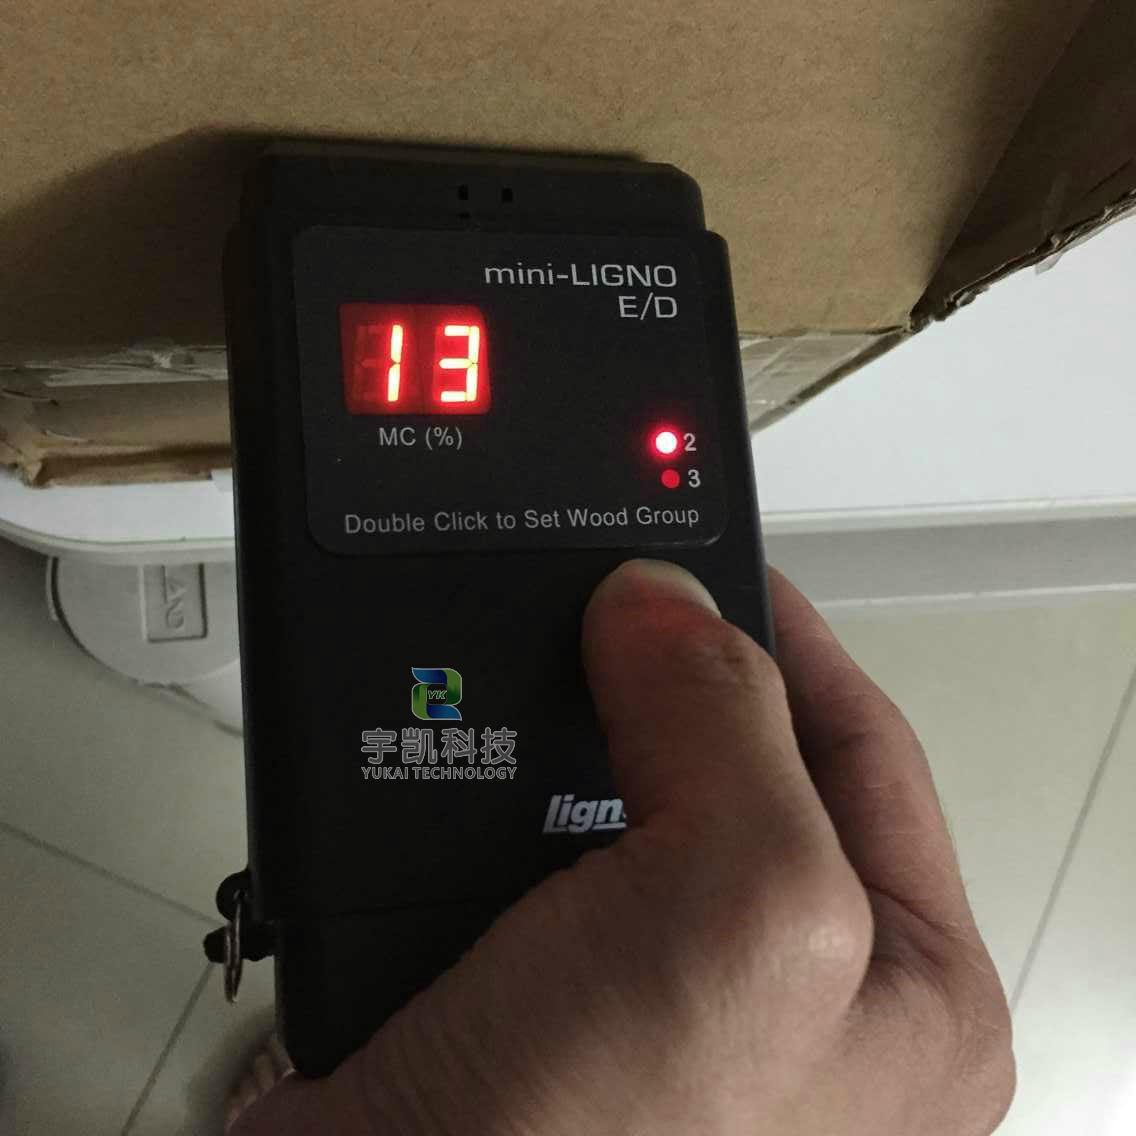 美国Lignomat木材水分计型号Mini-Ligno E/D 4